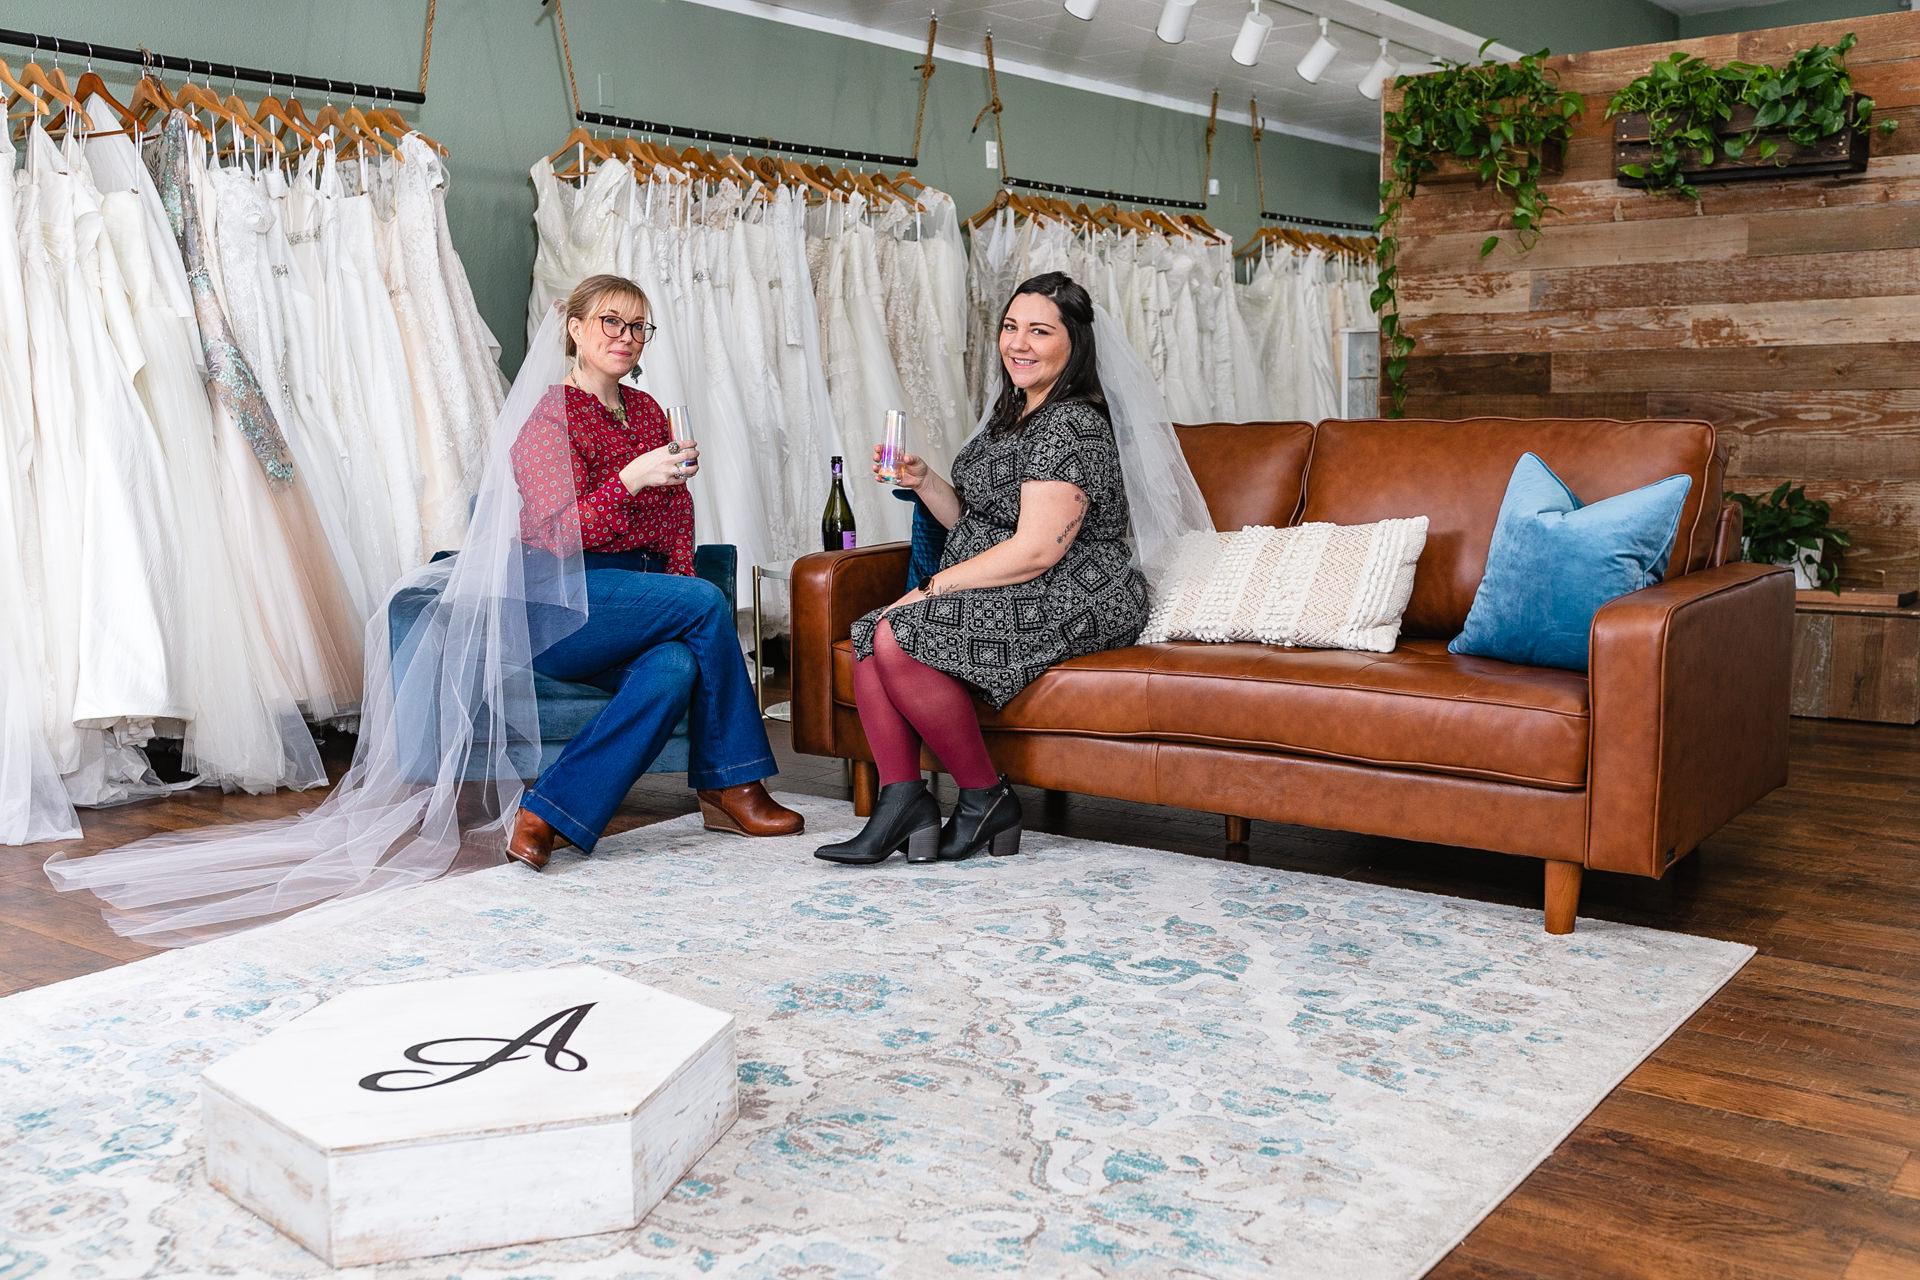 Laura & Leslee - Owners